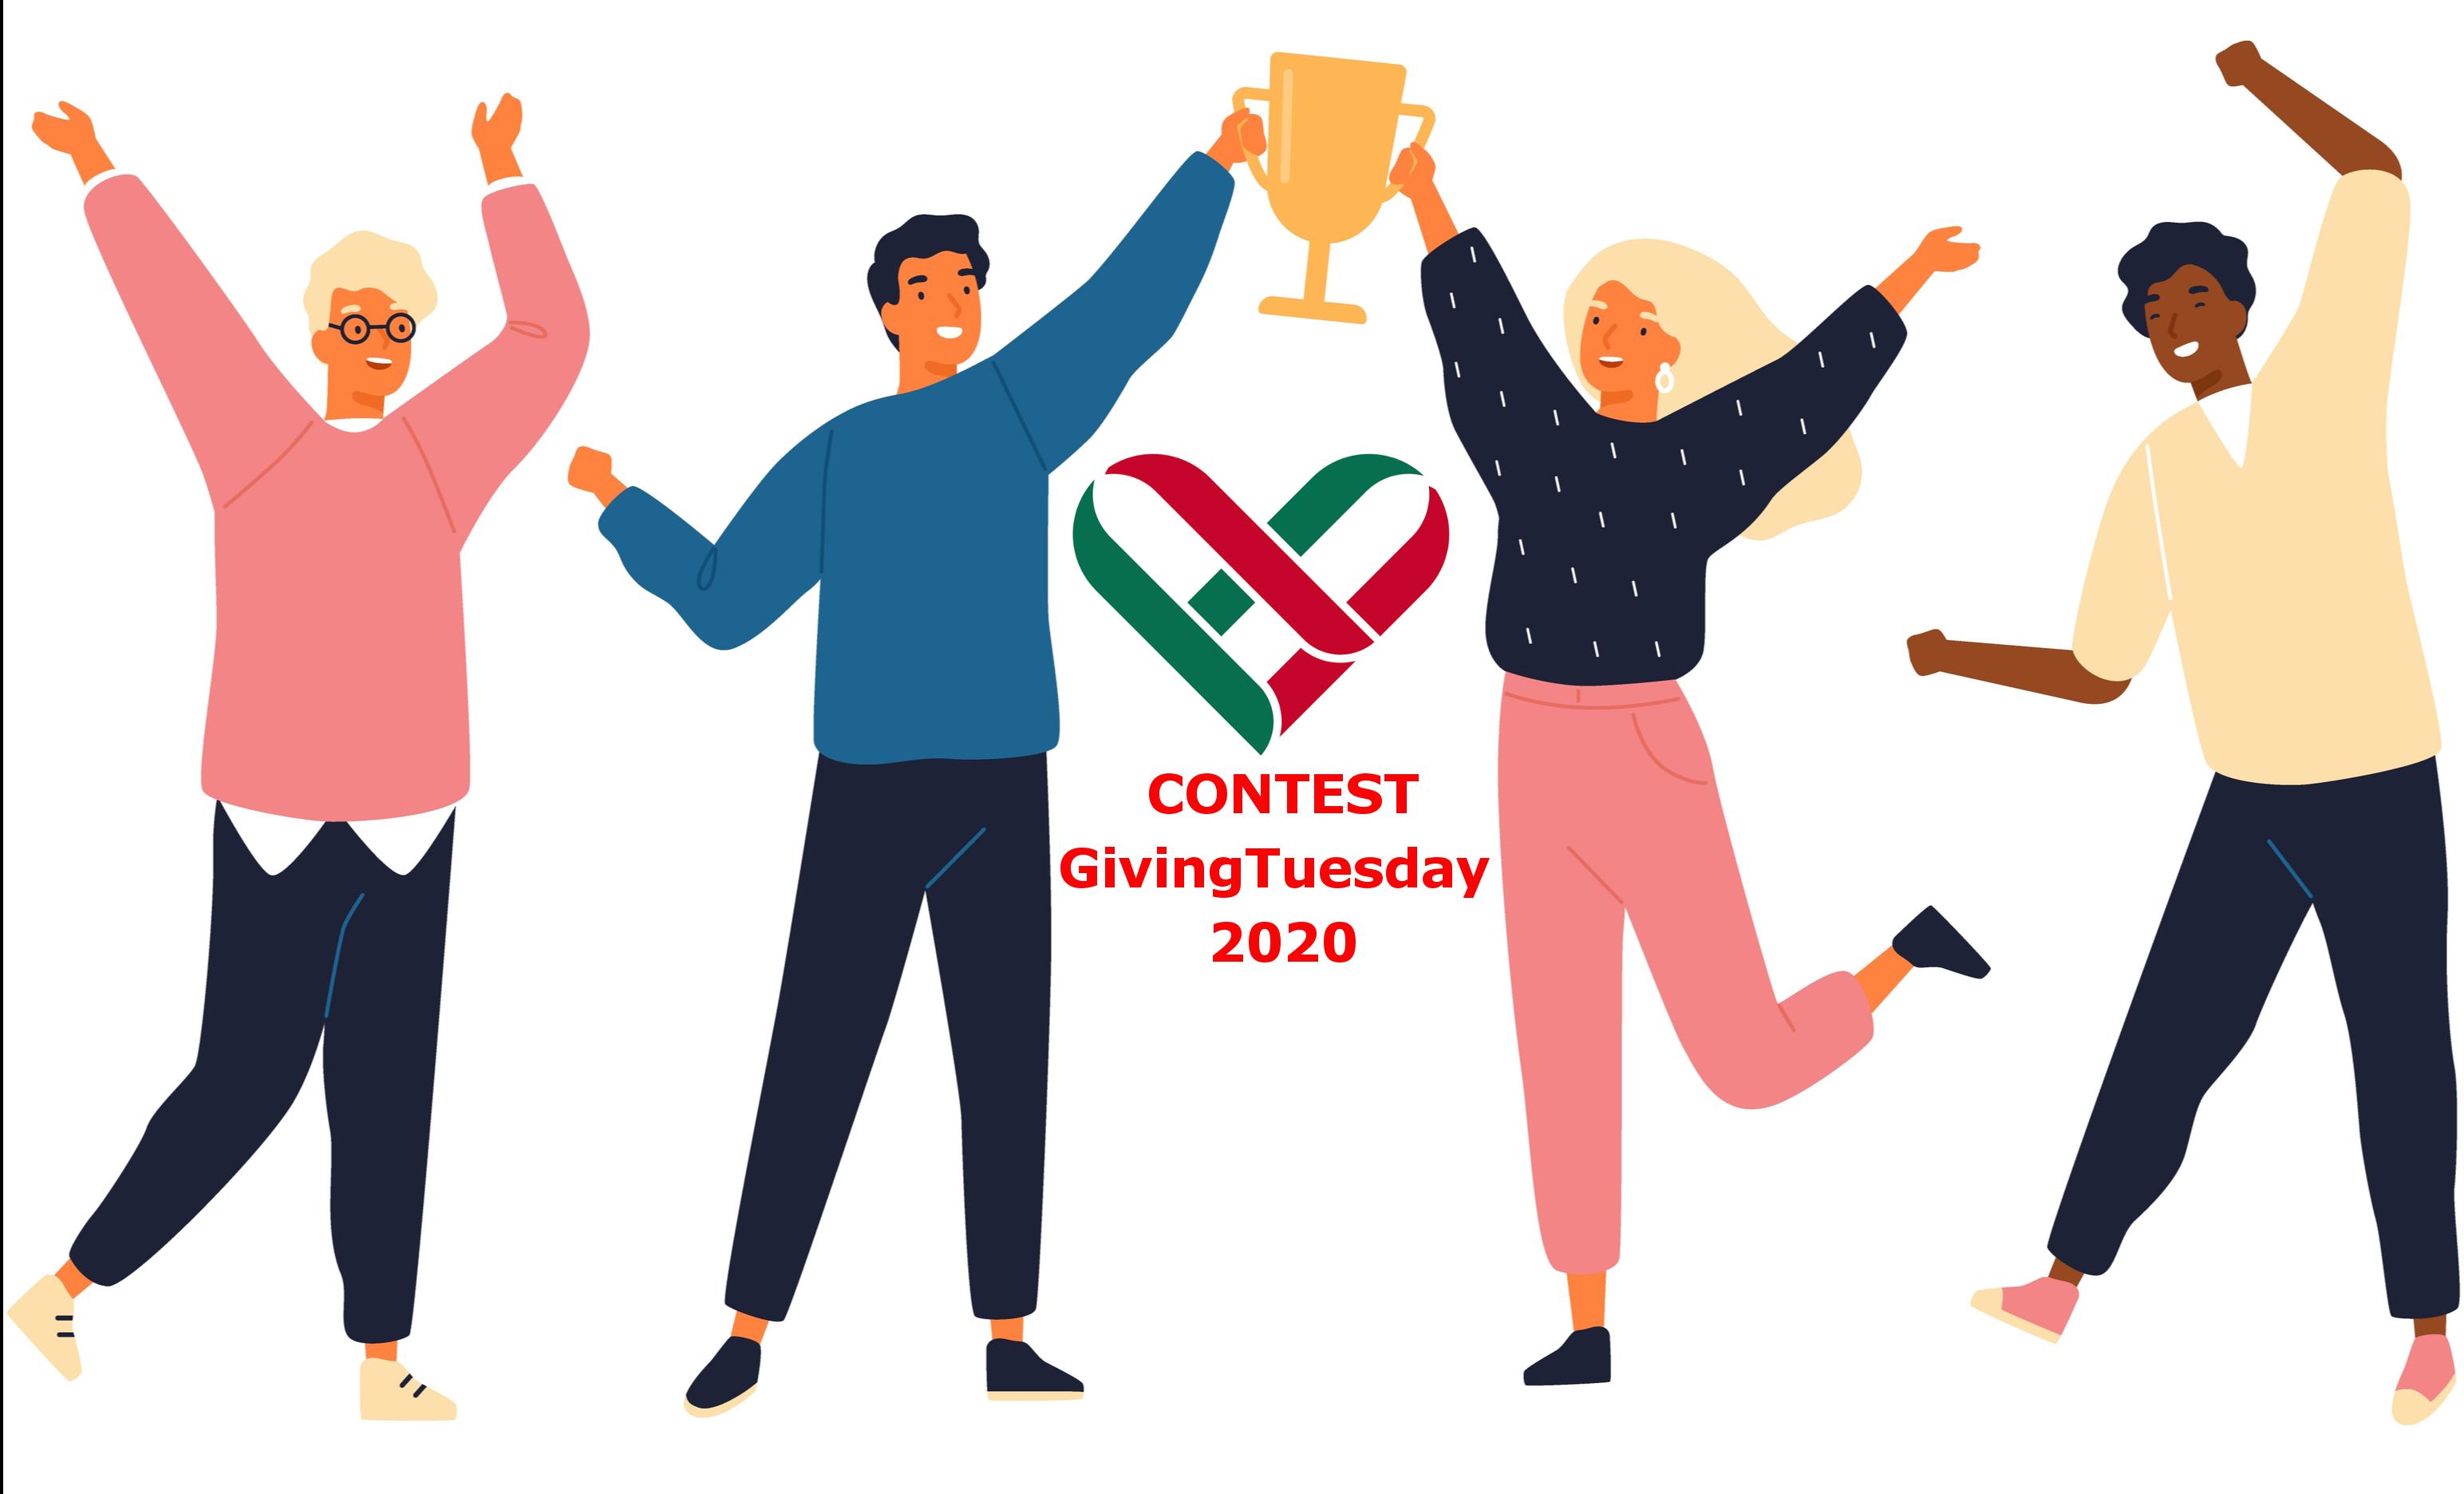 15 Gennaio 2021 – Vieni a conoscere i 10 finalisti al contest GivingTuesday 2020